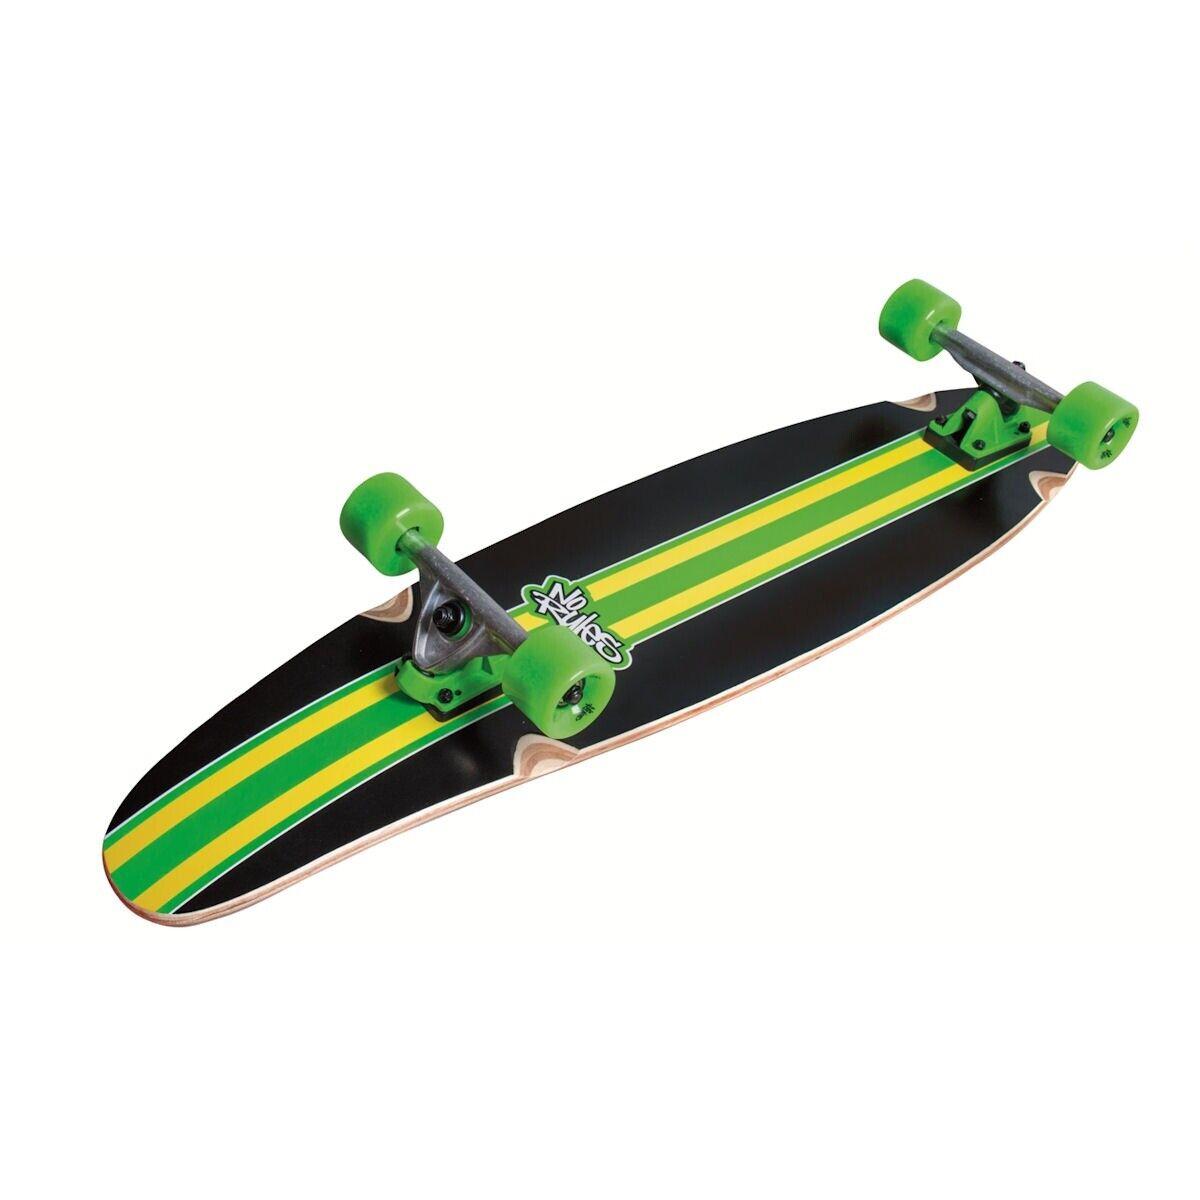 Longboard Komplett Mindless Voodoo RAM Osprey 20 Neue Modelle Skateboard